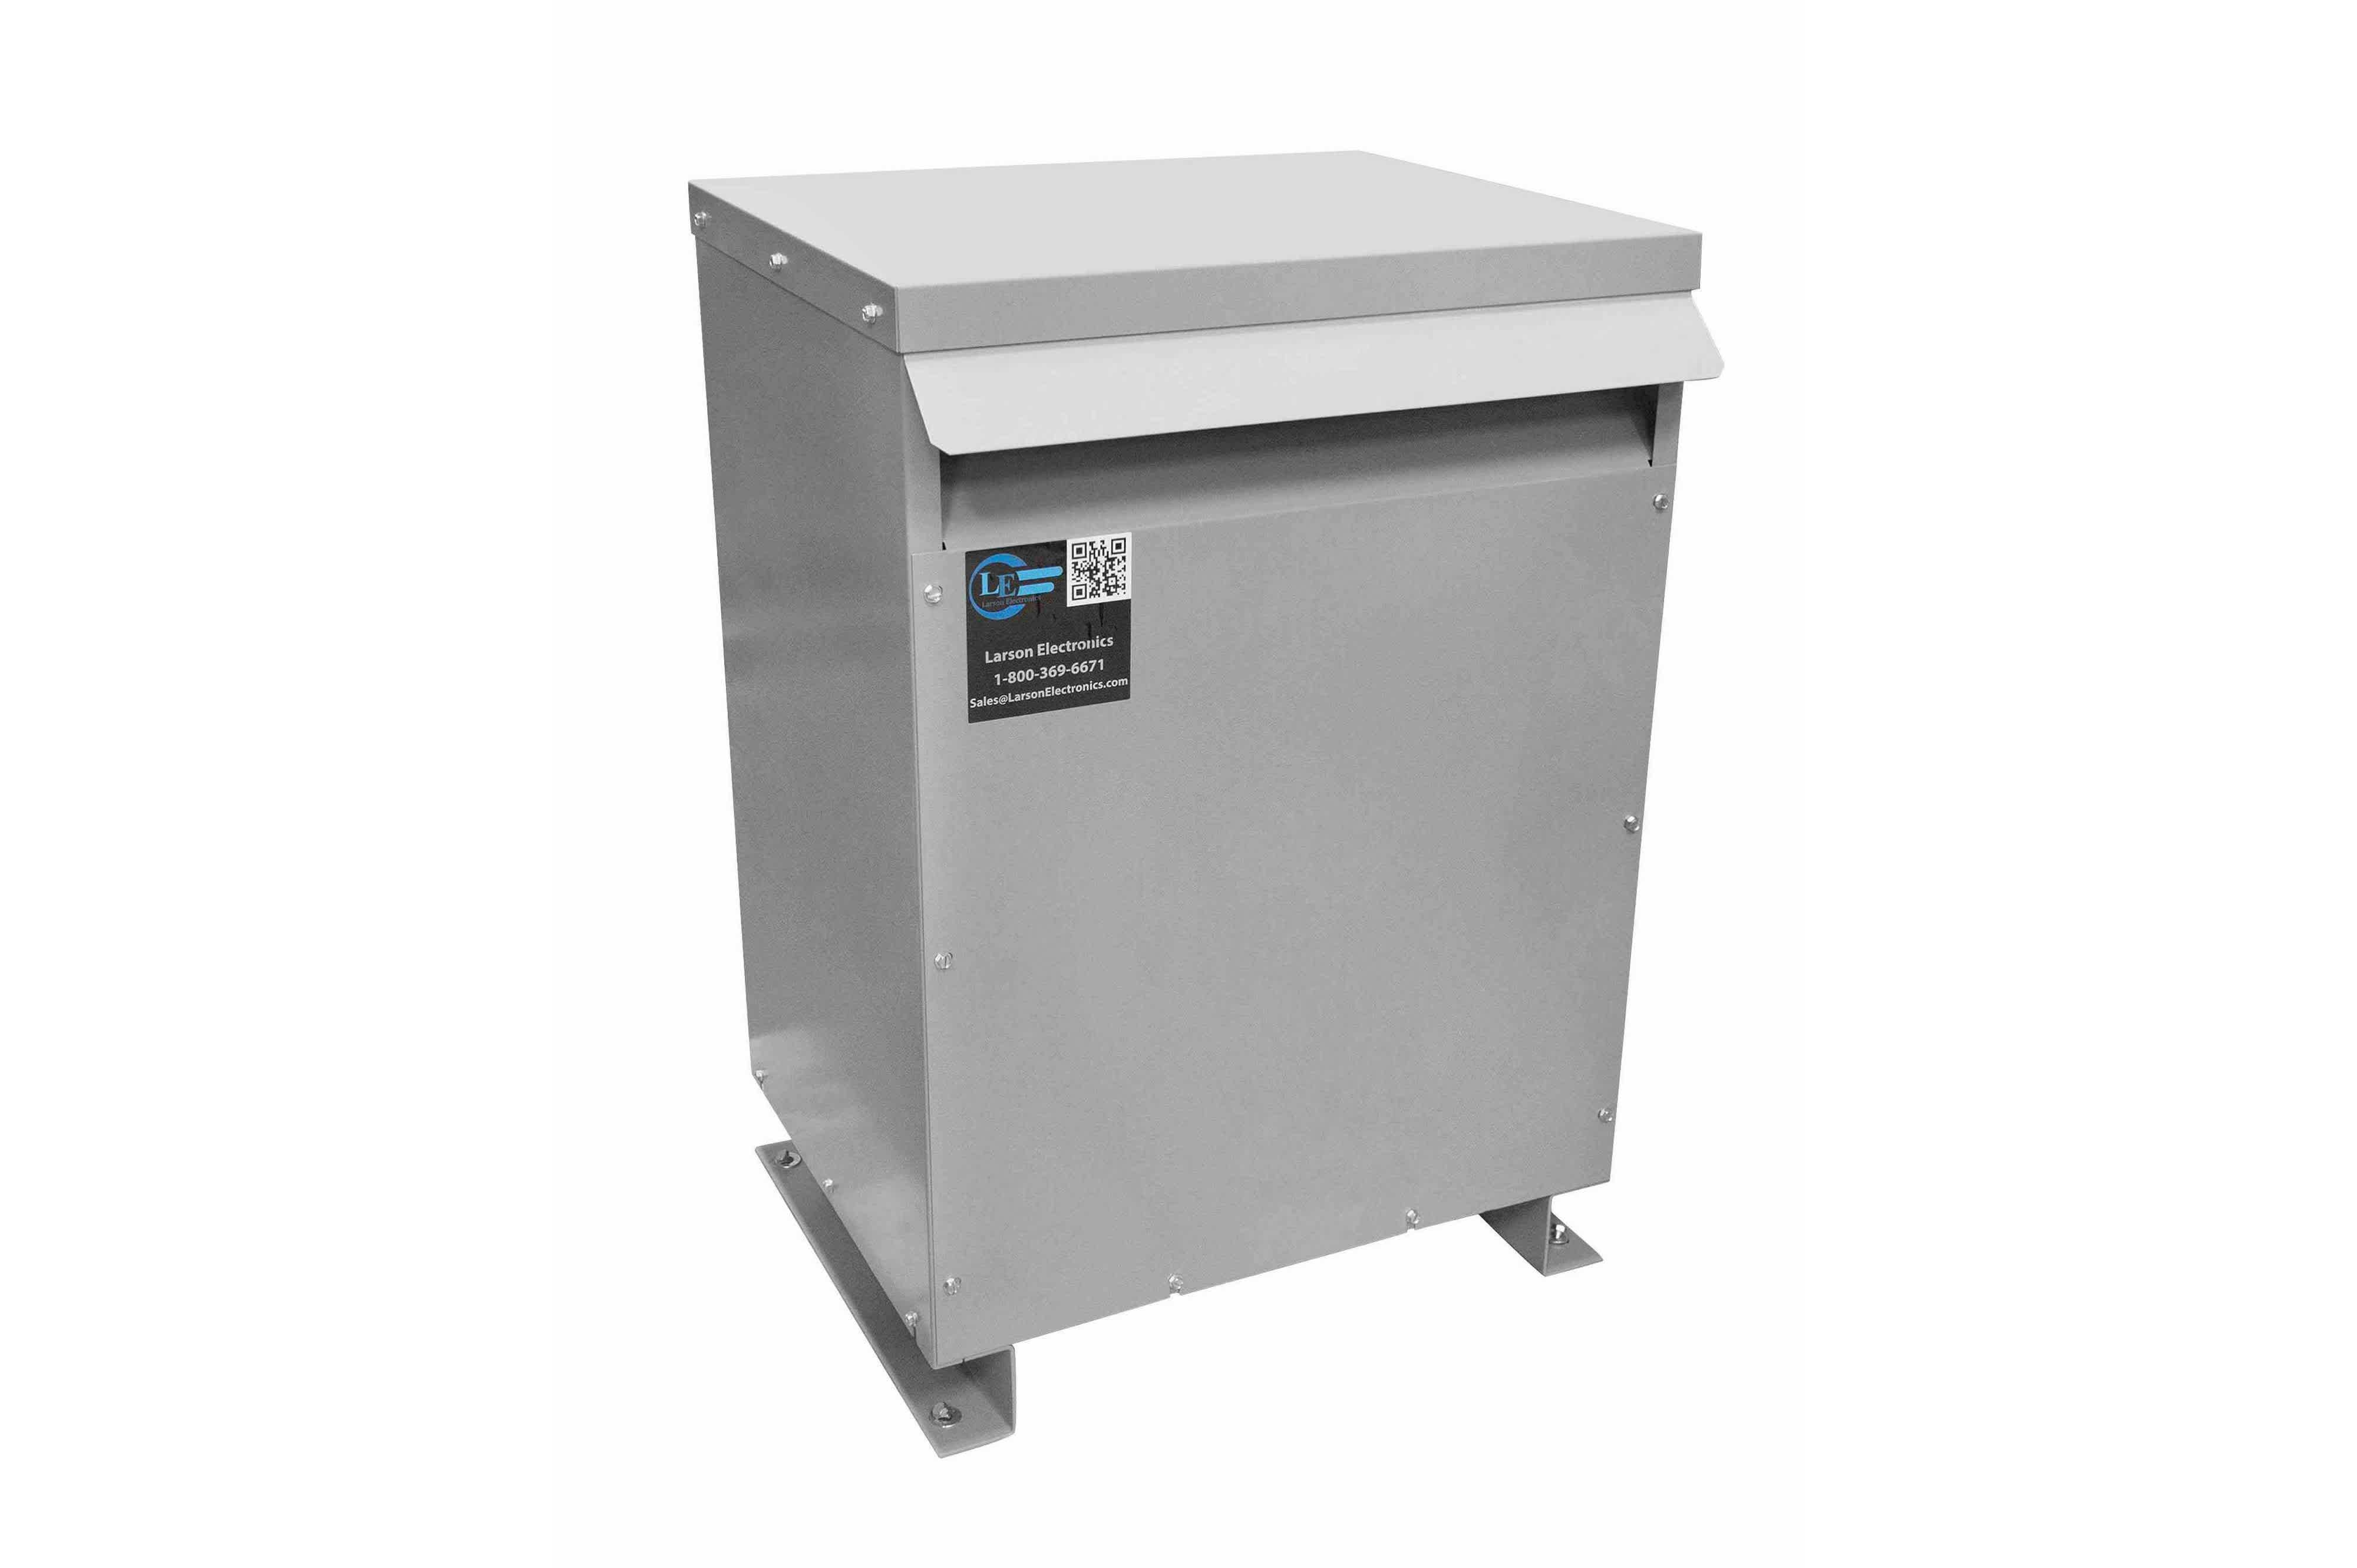 26 kVA 3PH Isolation Transformer, 400V Delta Primary, 480V Delta Secondary, N3R, Ventilated, 60 Hz